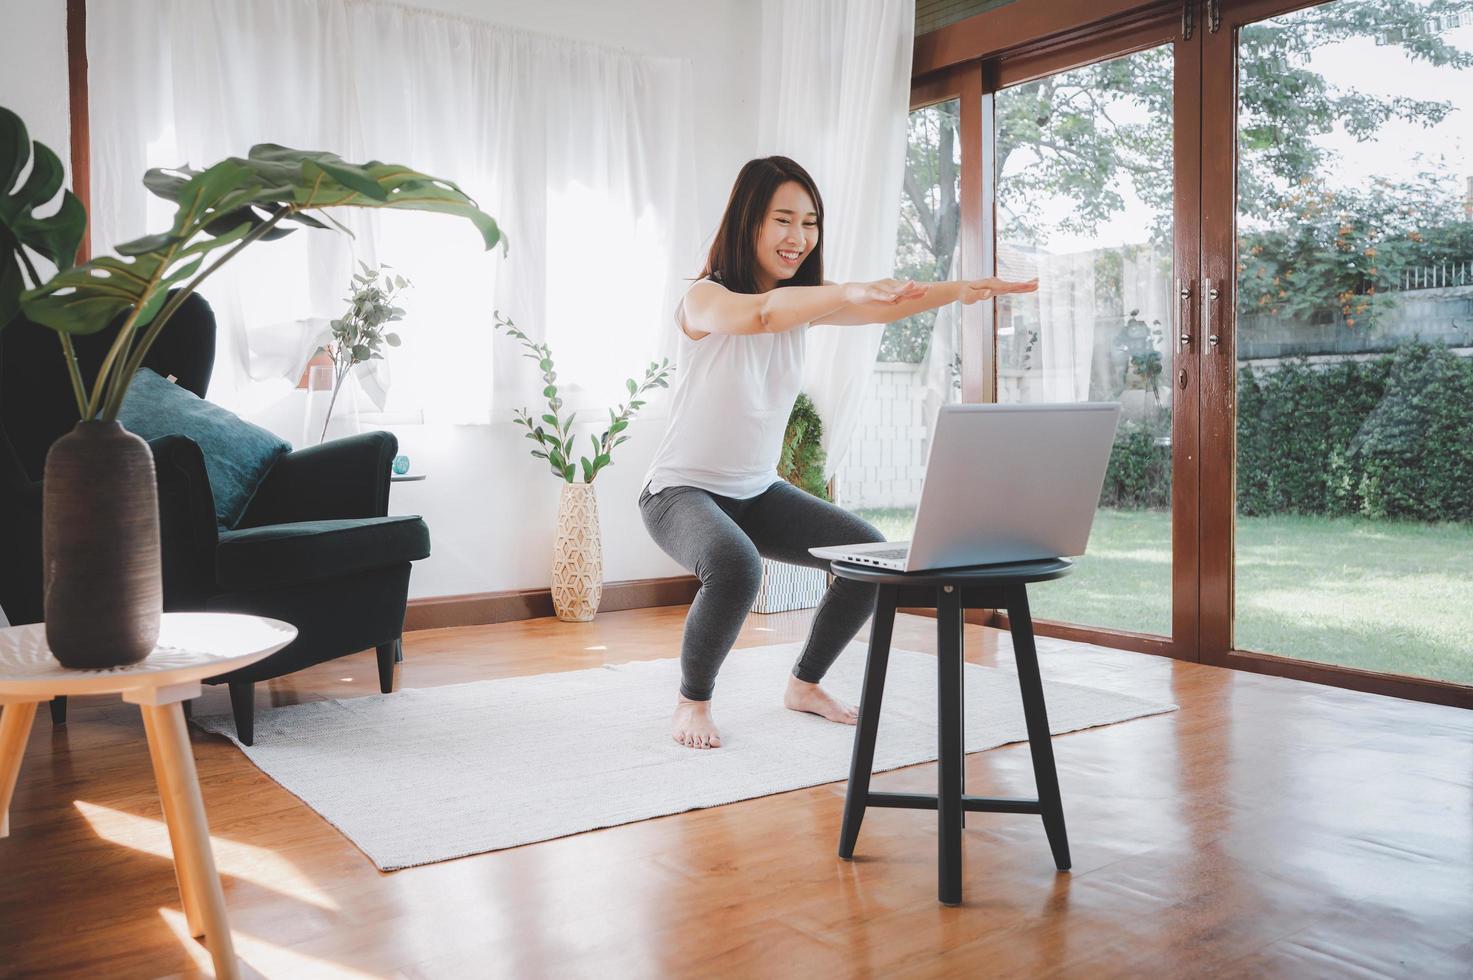 vrouw online training training klasse thuis leren van laptop foto